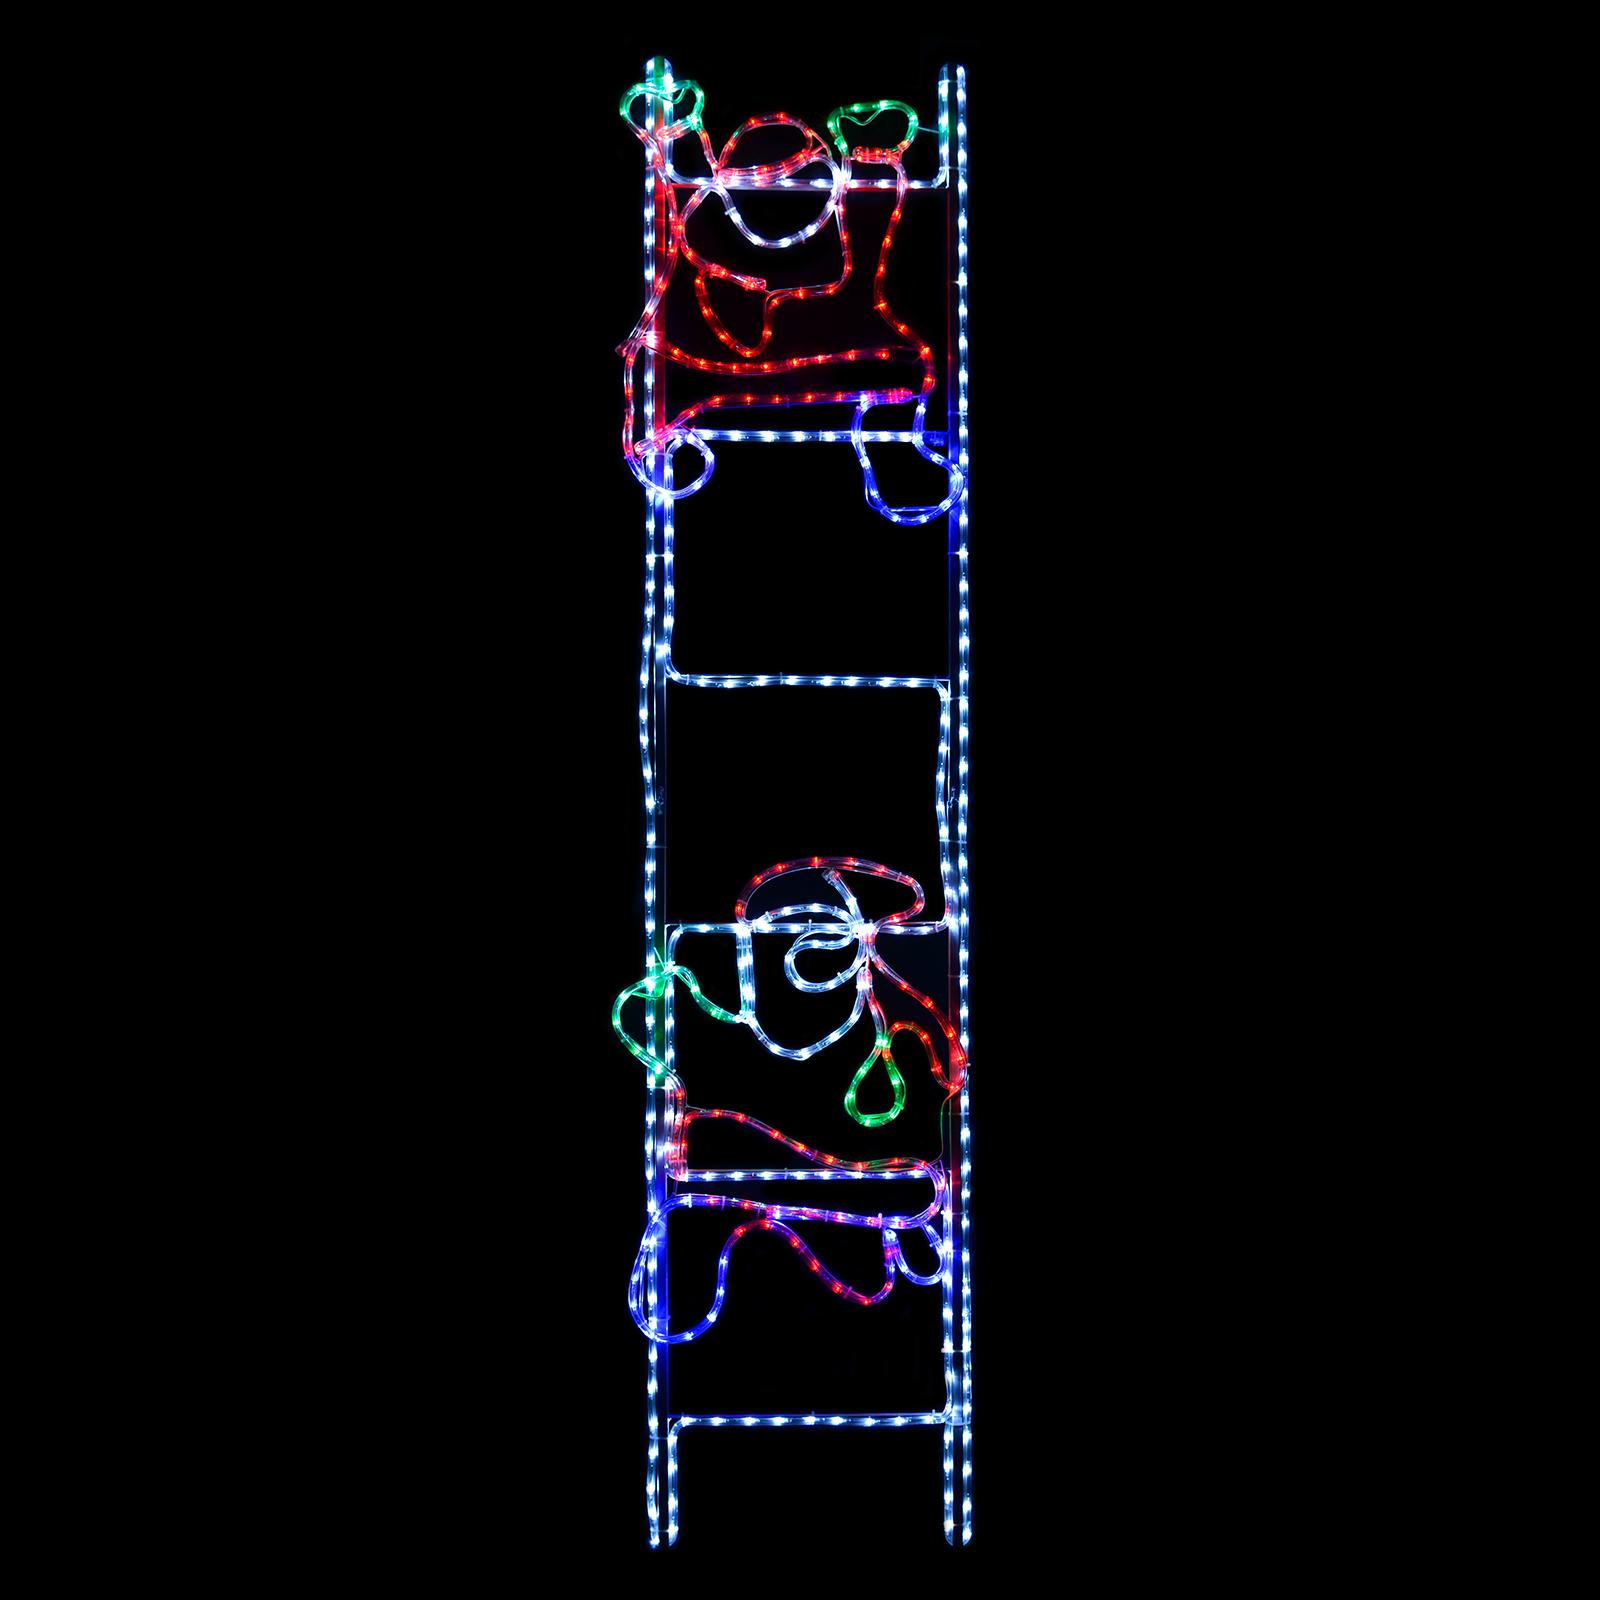 Santa Climb Ladder Animated Giant 2m LED Rope Light Xmas